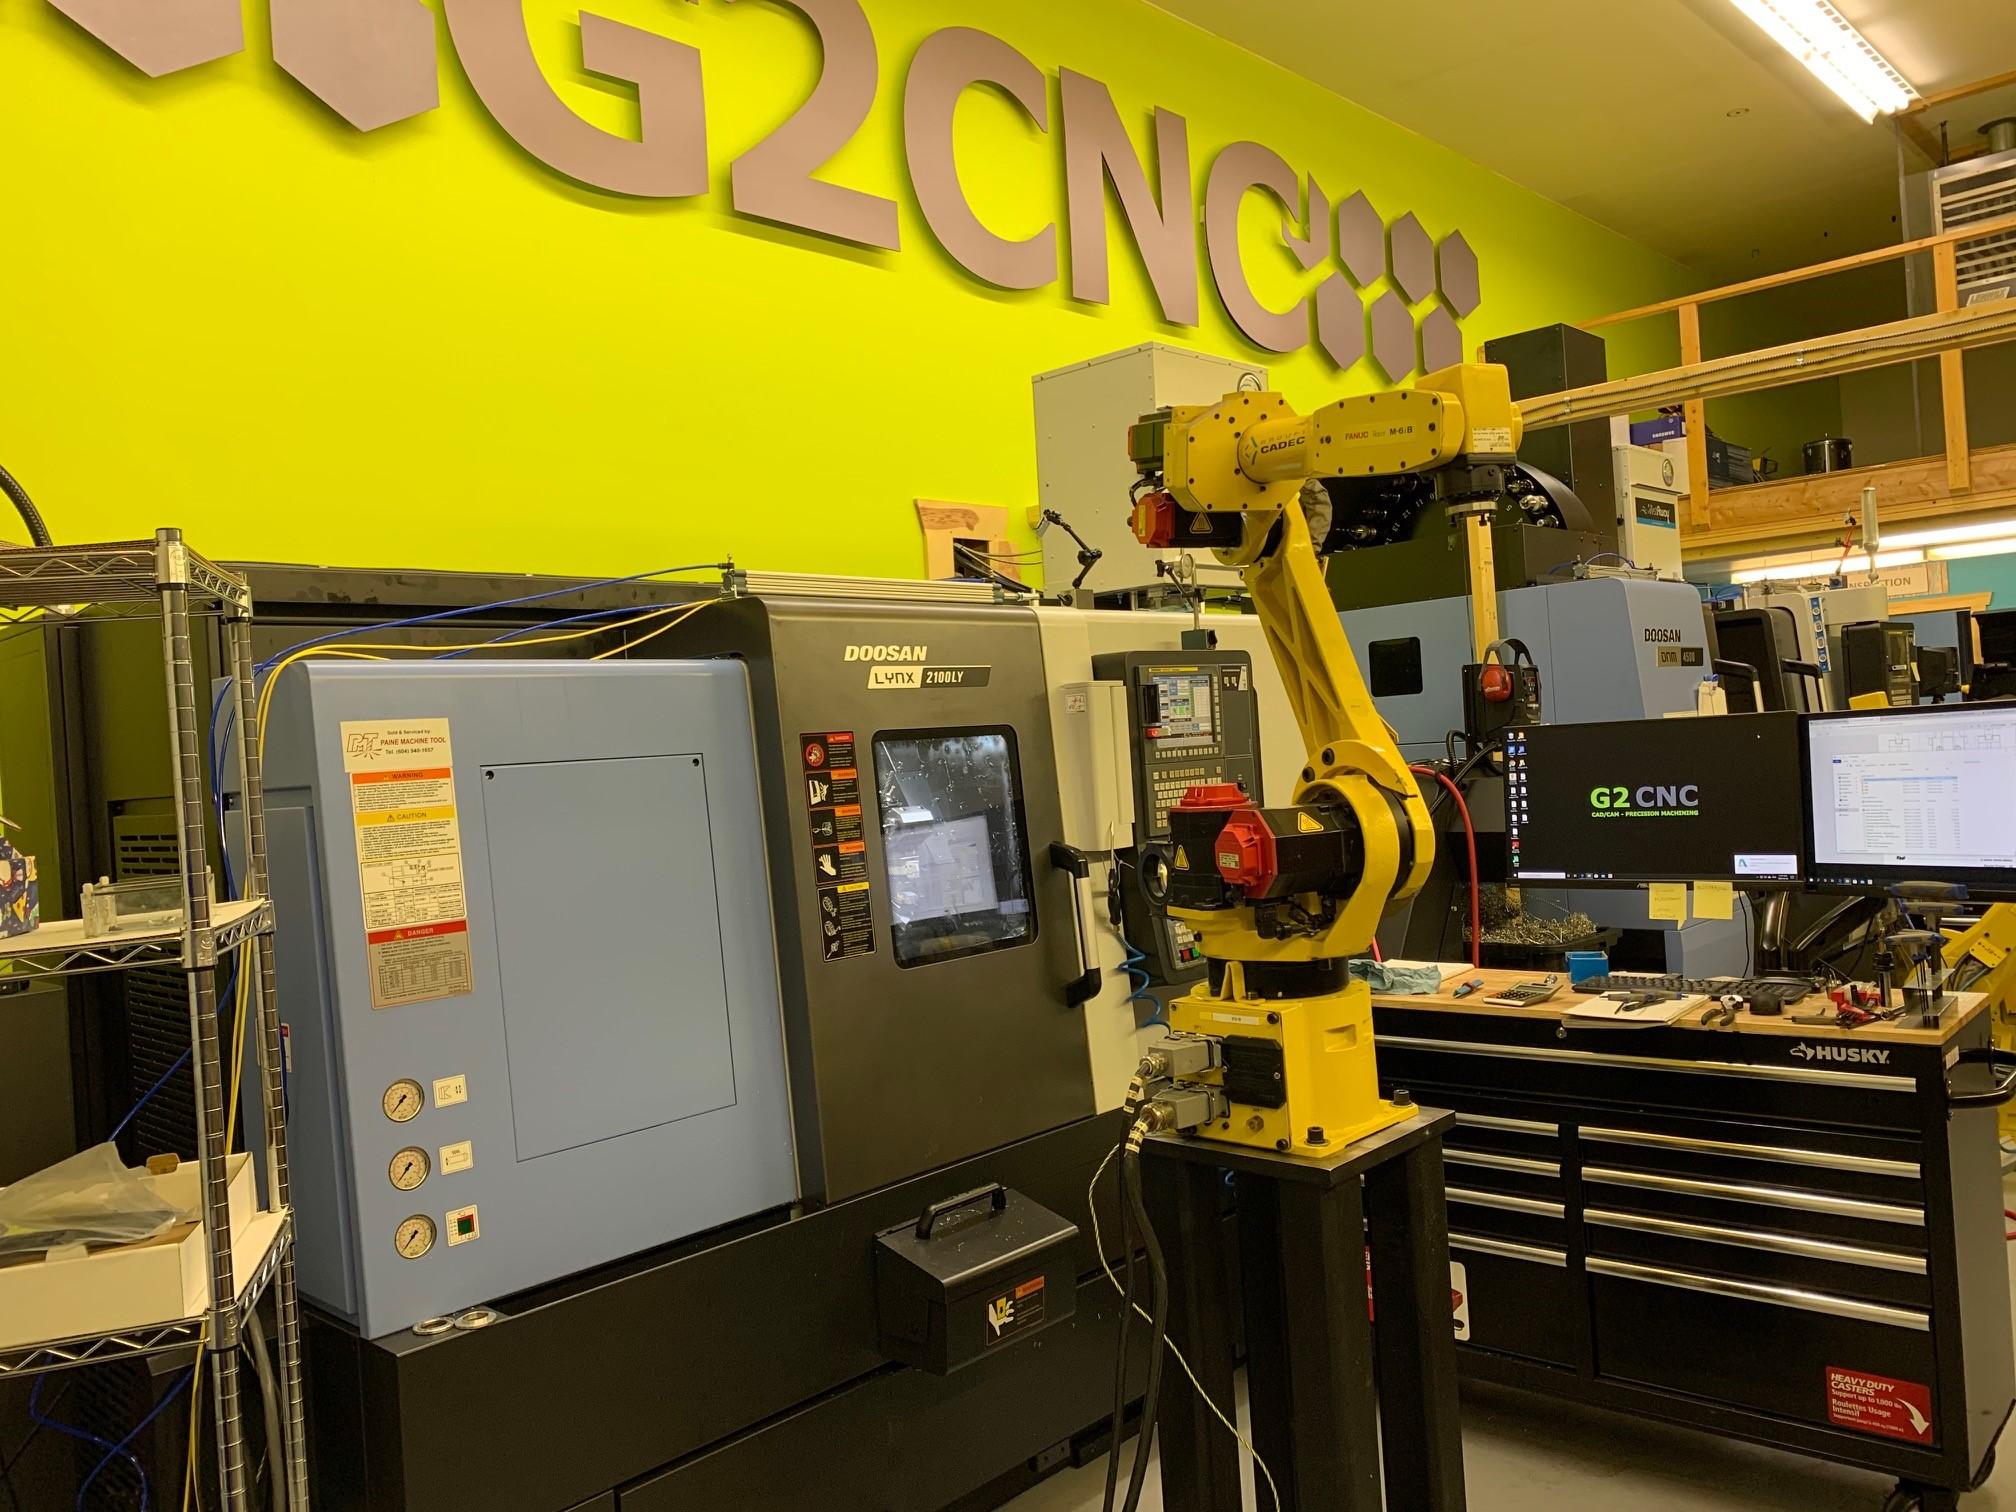 G2 CNC